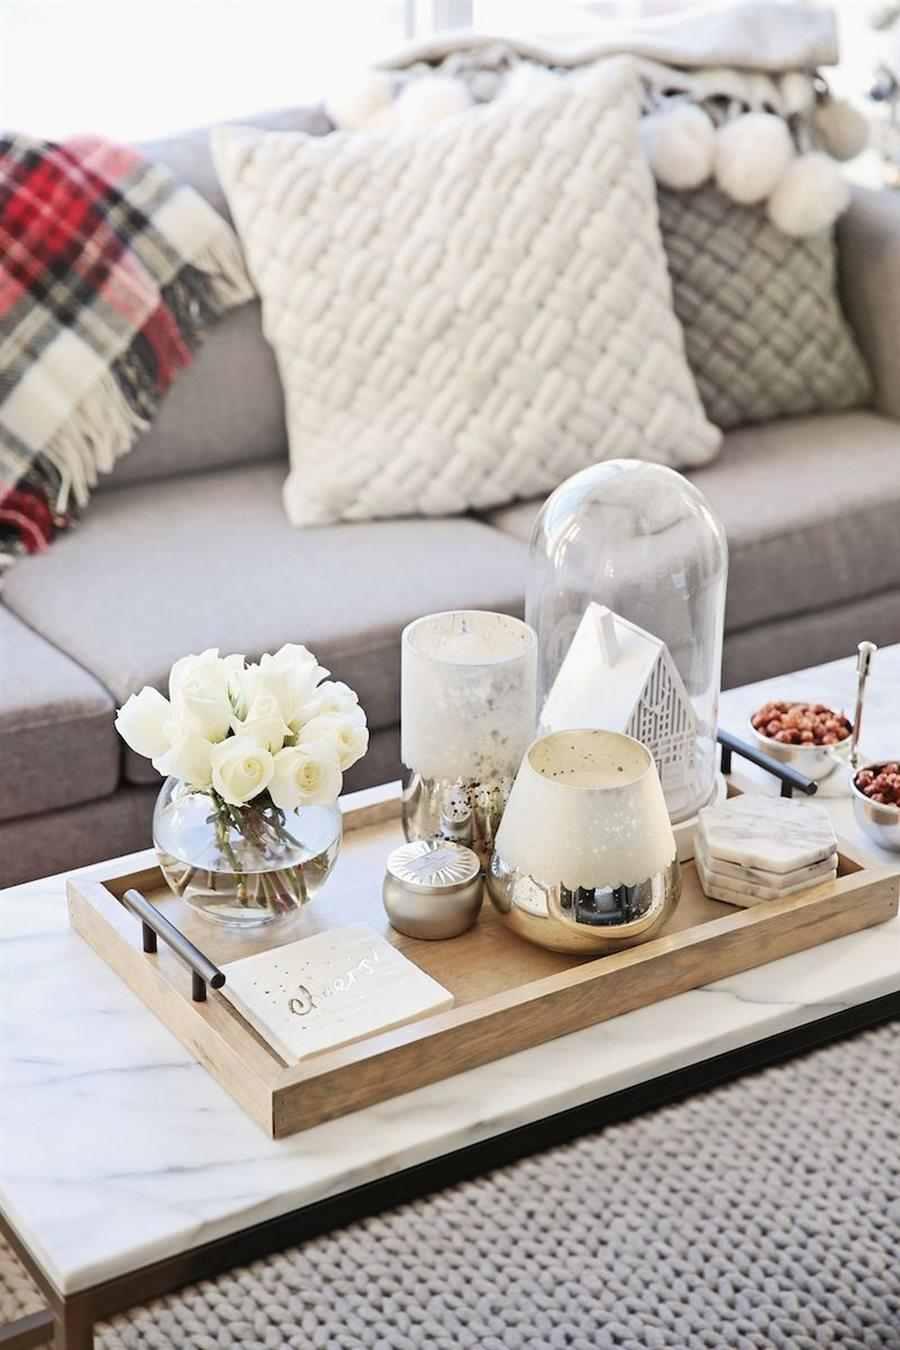 Centro de mesa com velas e flores